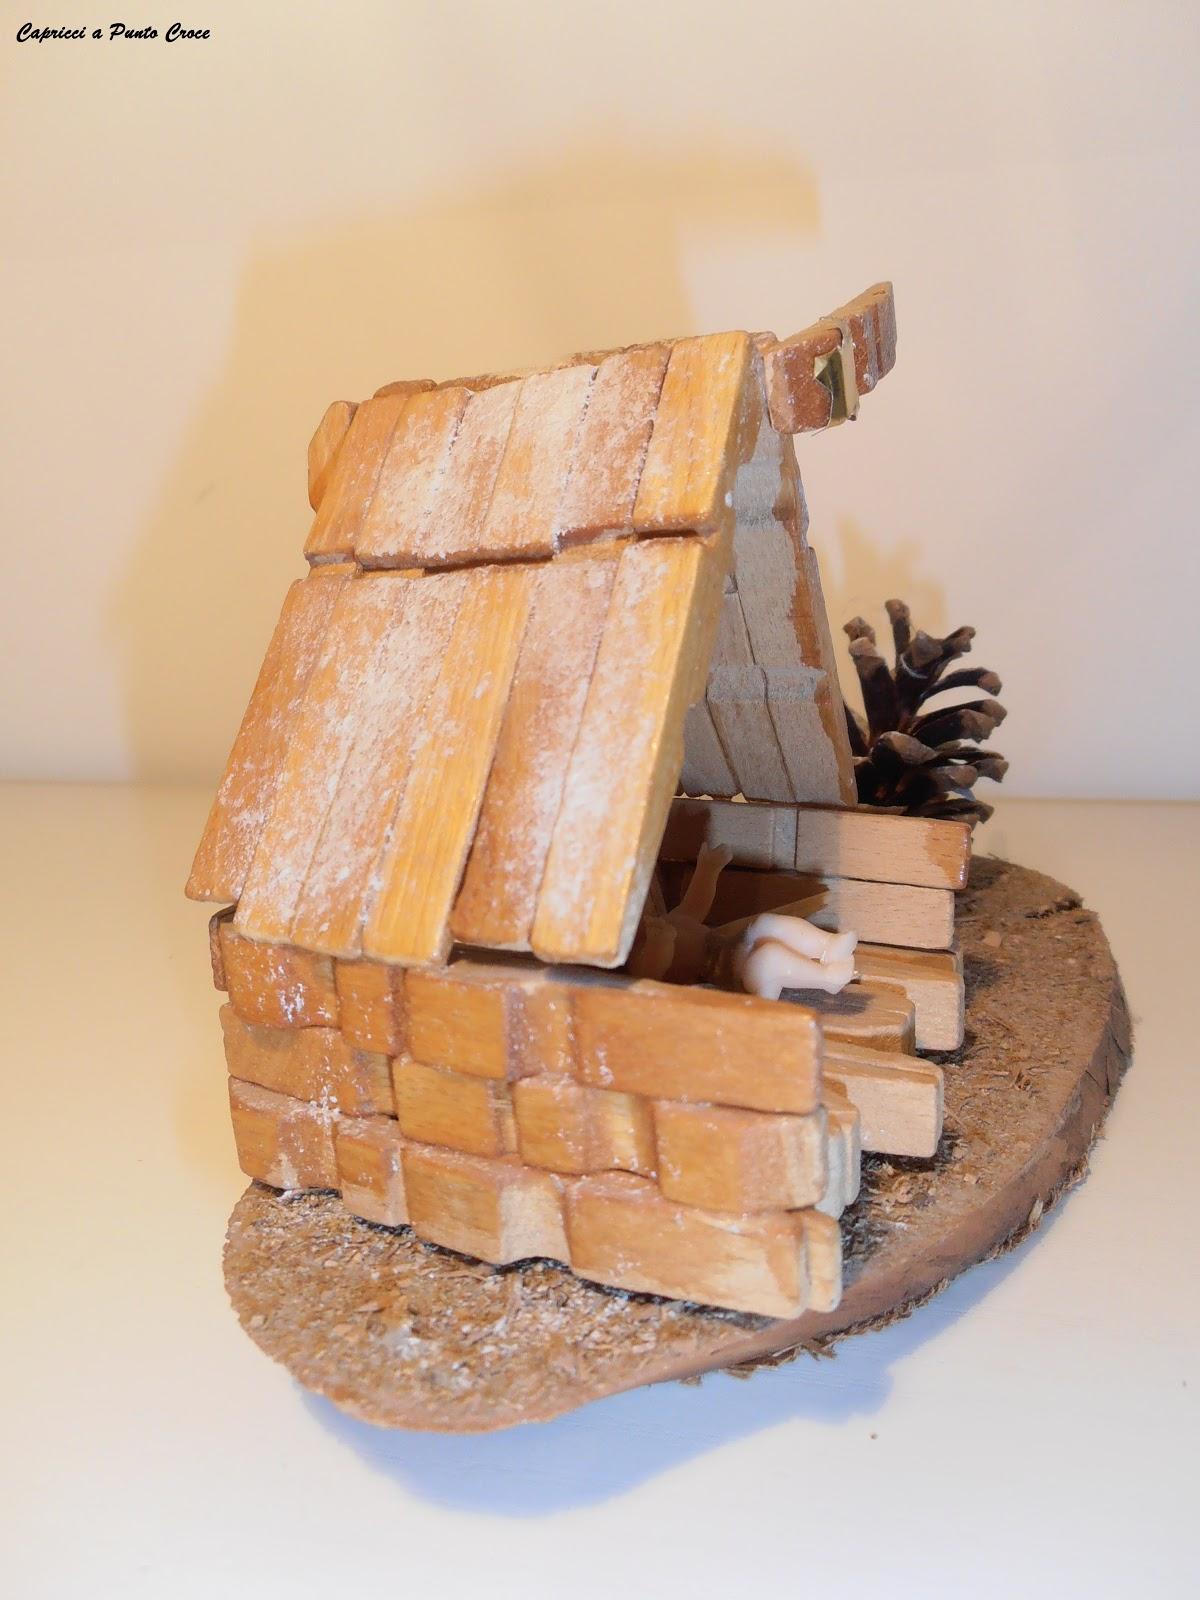 Capricci a punto croce mollette di legno e fantasia for Costruire una semplice capanna di legno